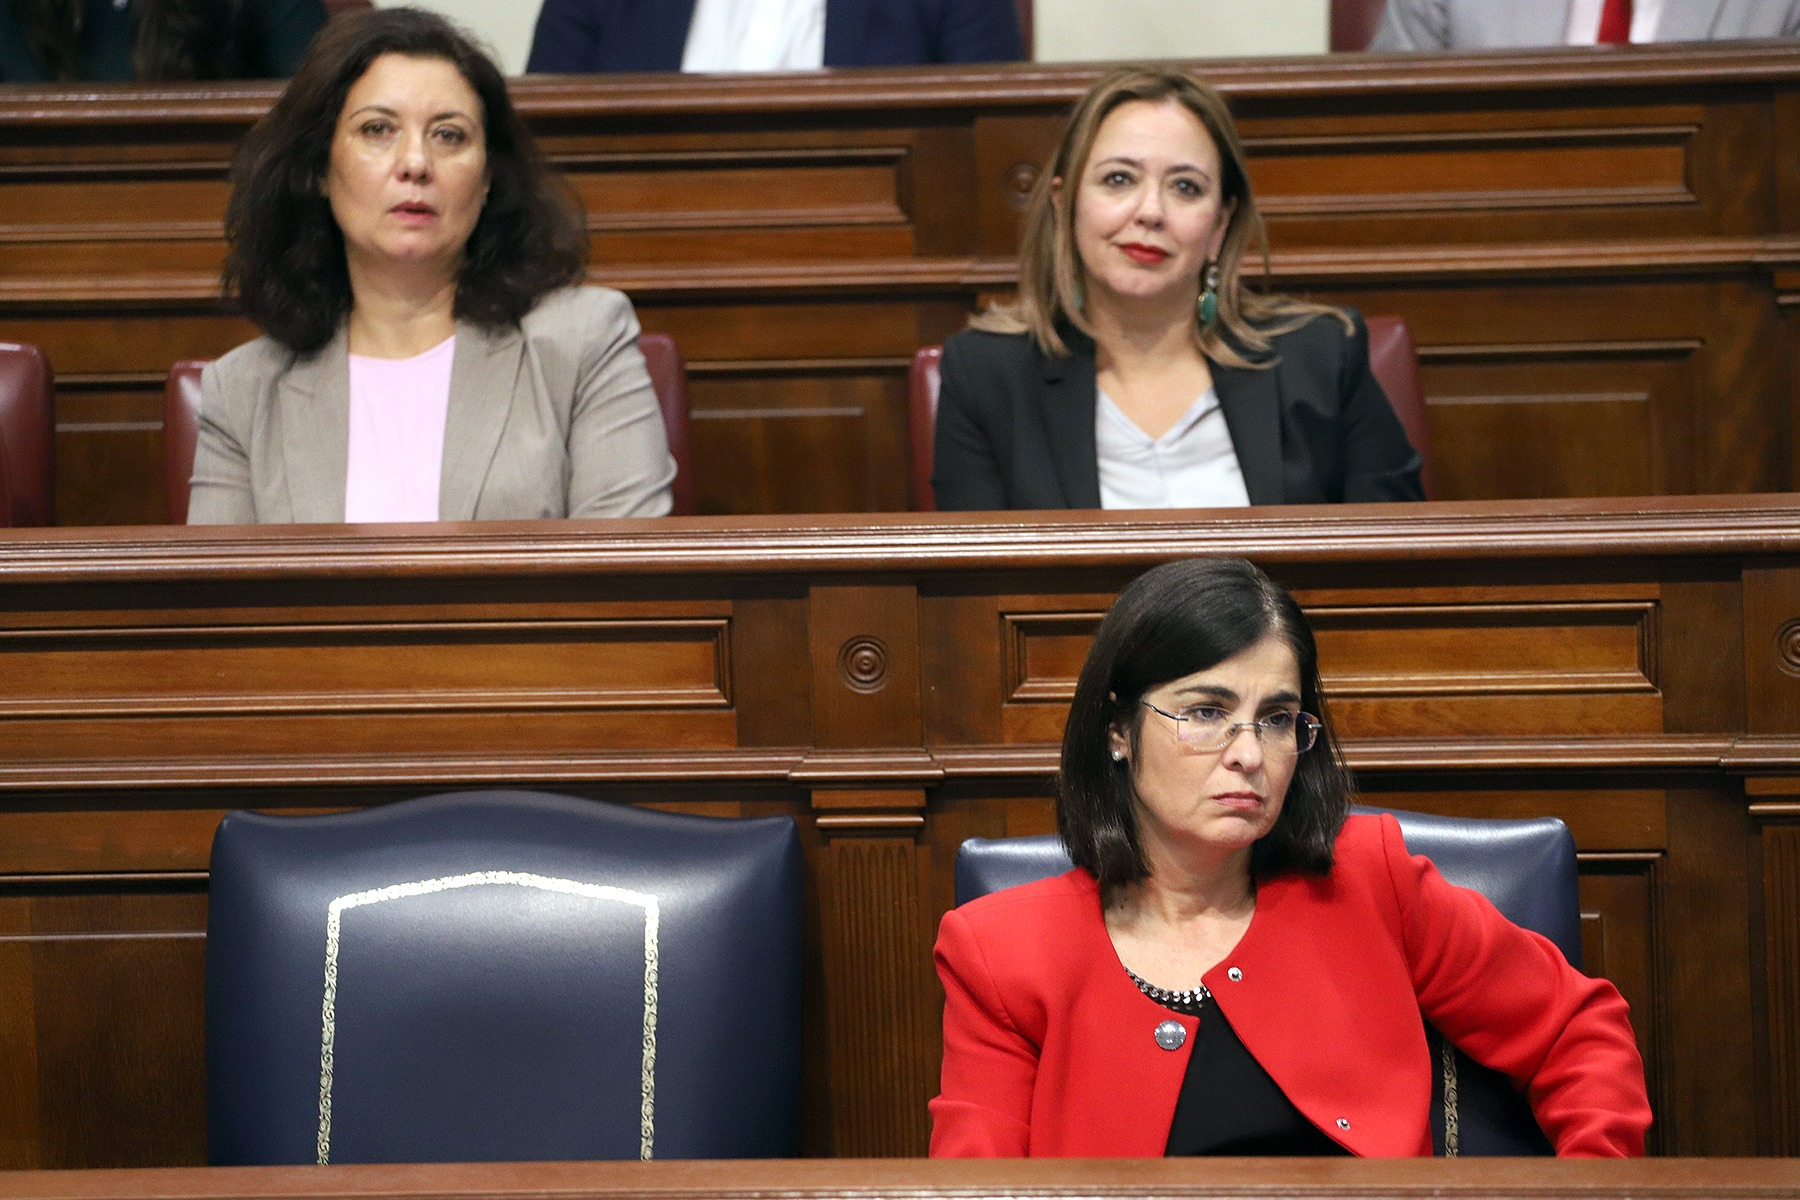 La consejera, en el Pleno del Parlamento de Canarias